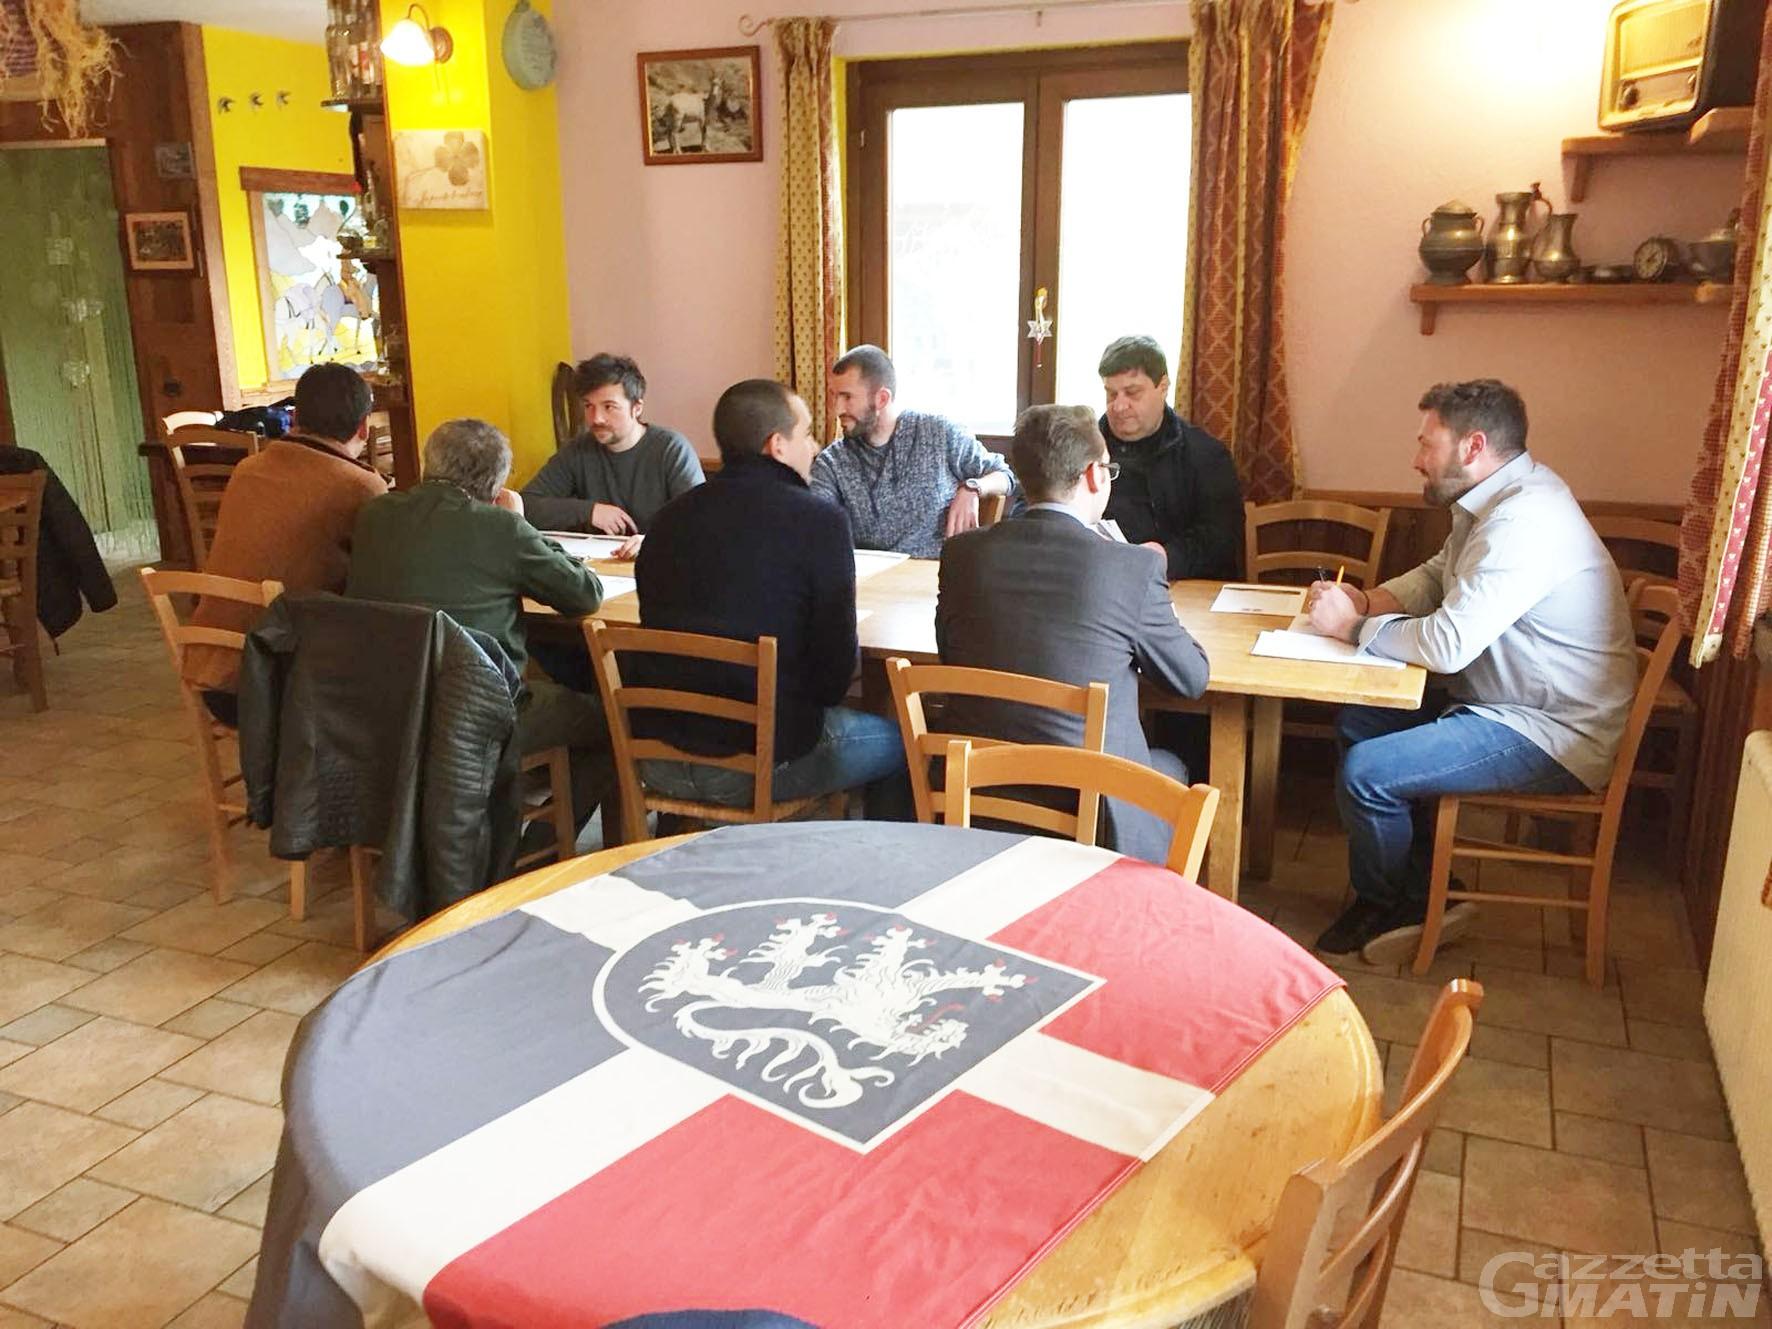 Pays d'Aoste Souverain: o accordo tra autonomisti o astensione